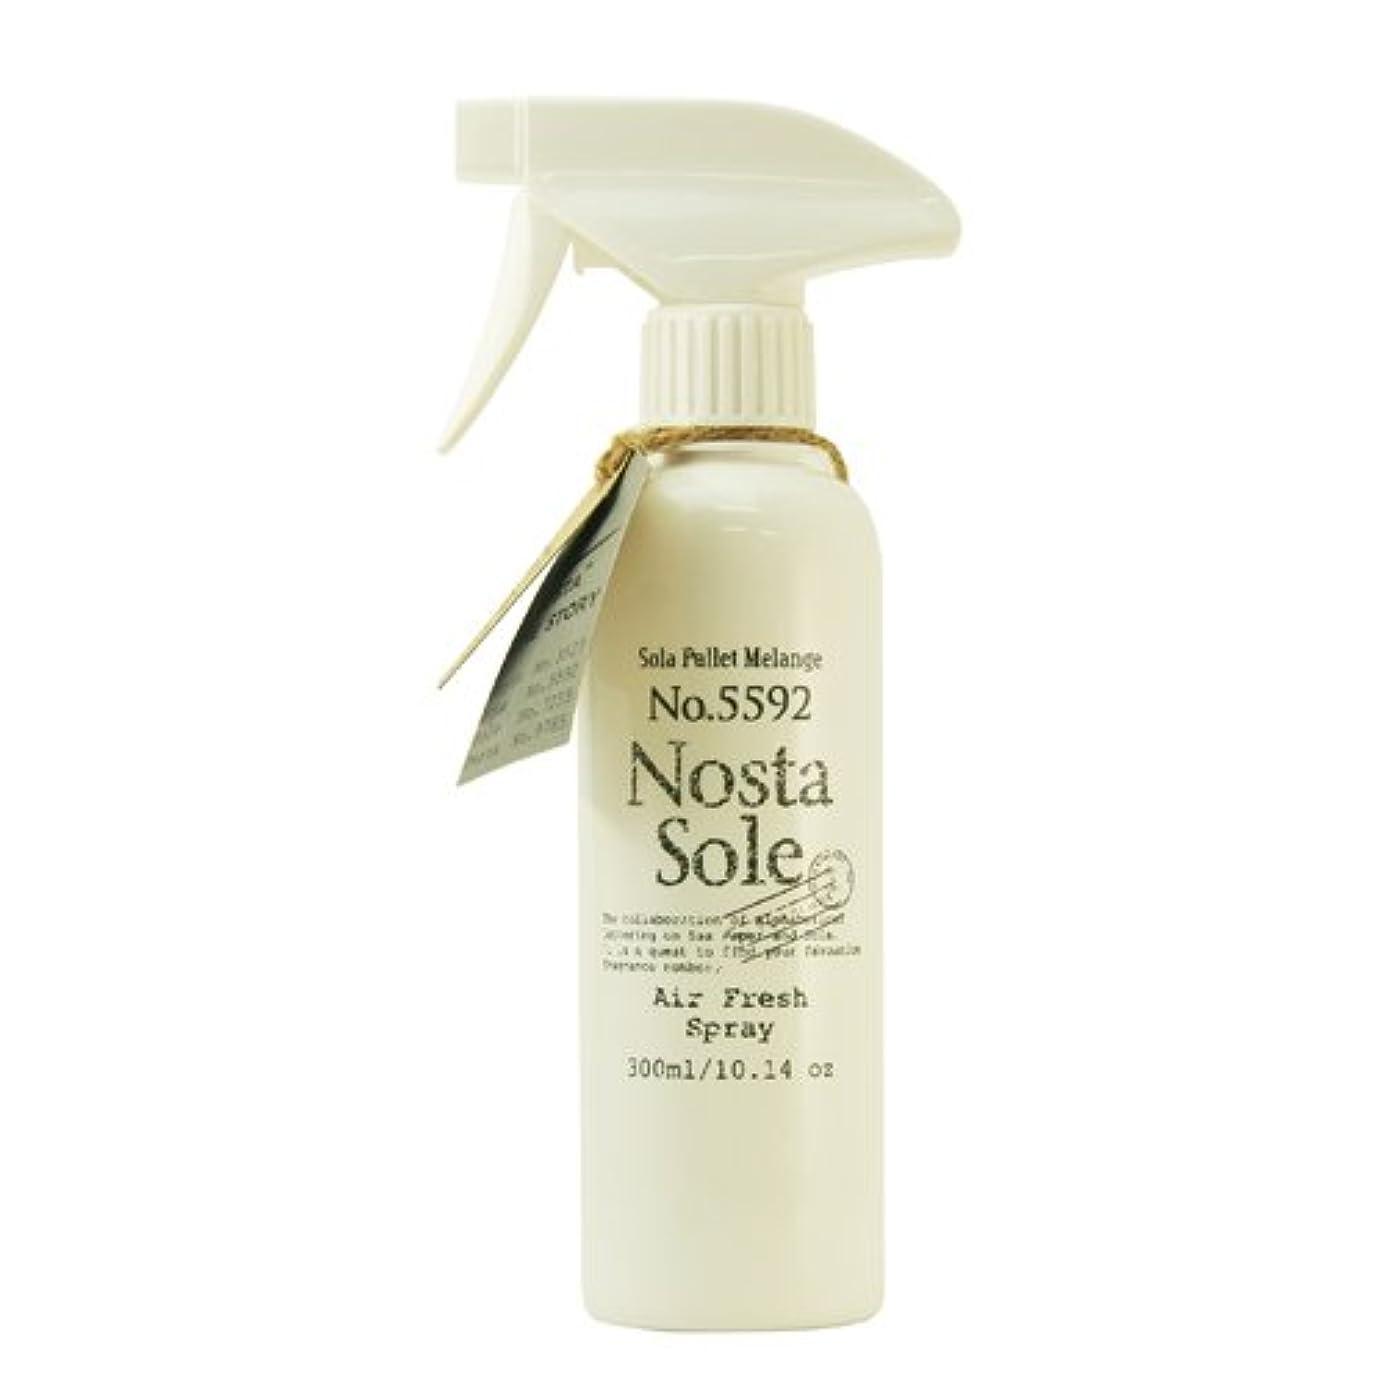 兵器庫実行する間違いNosta ノスタ Air Fresh Spray エアーフレッシュスプレー(ルームスプレー)Sole ソーレ / 太陽